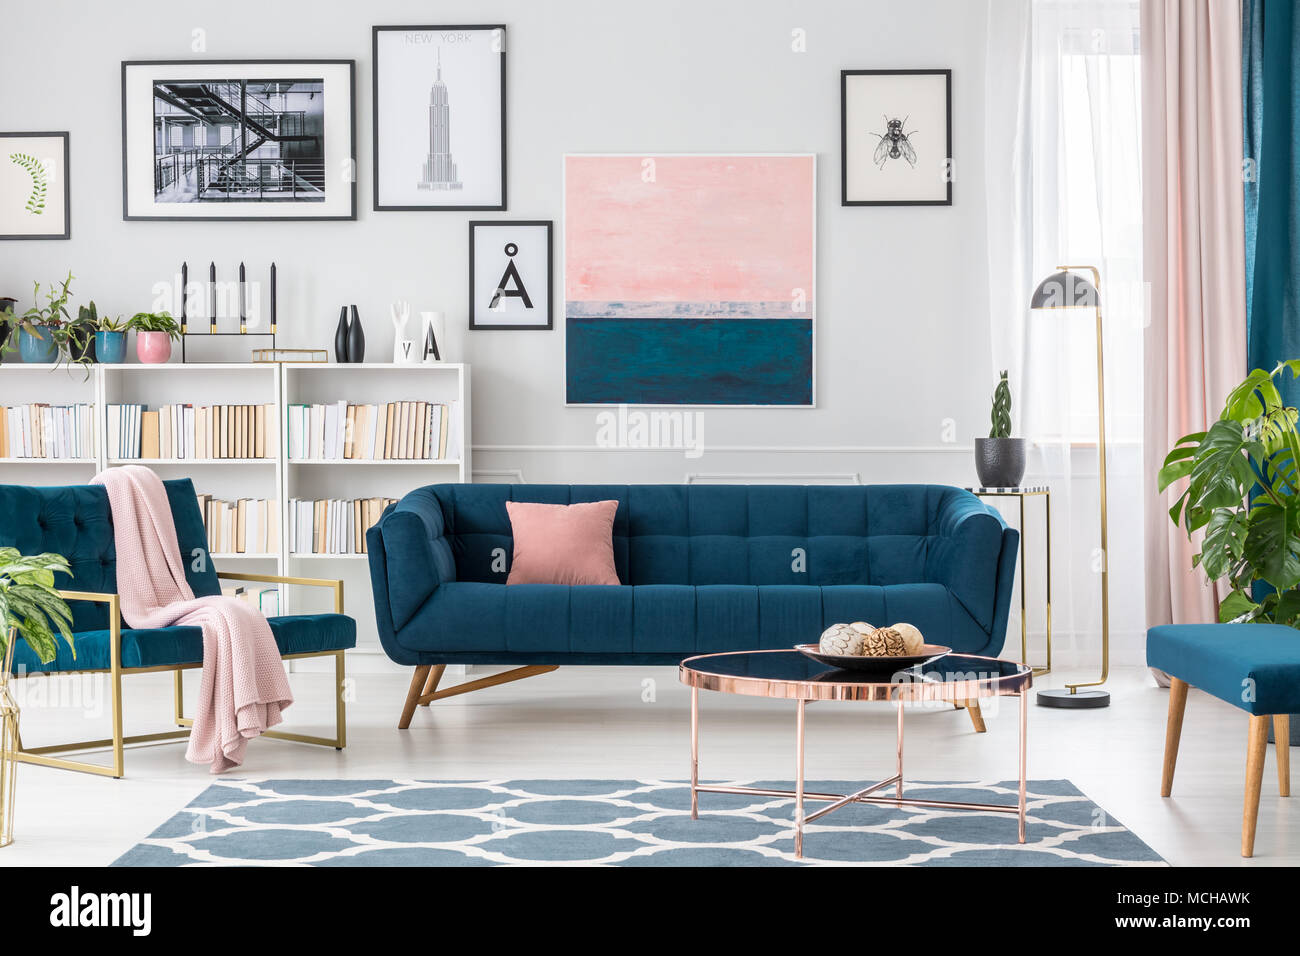 Modernes Wohnzimmer Innenraum Mit Blauen Sofa, Teppich, Kunstsammlung Und  Rosa Details